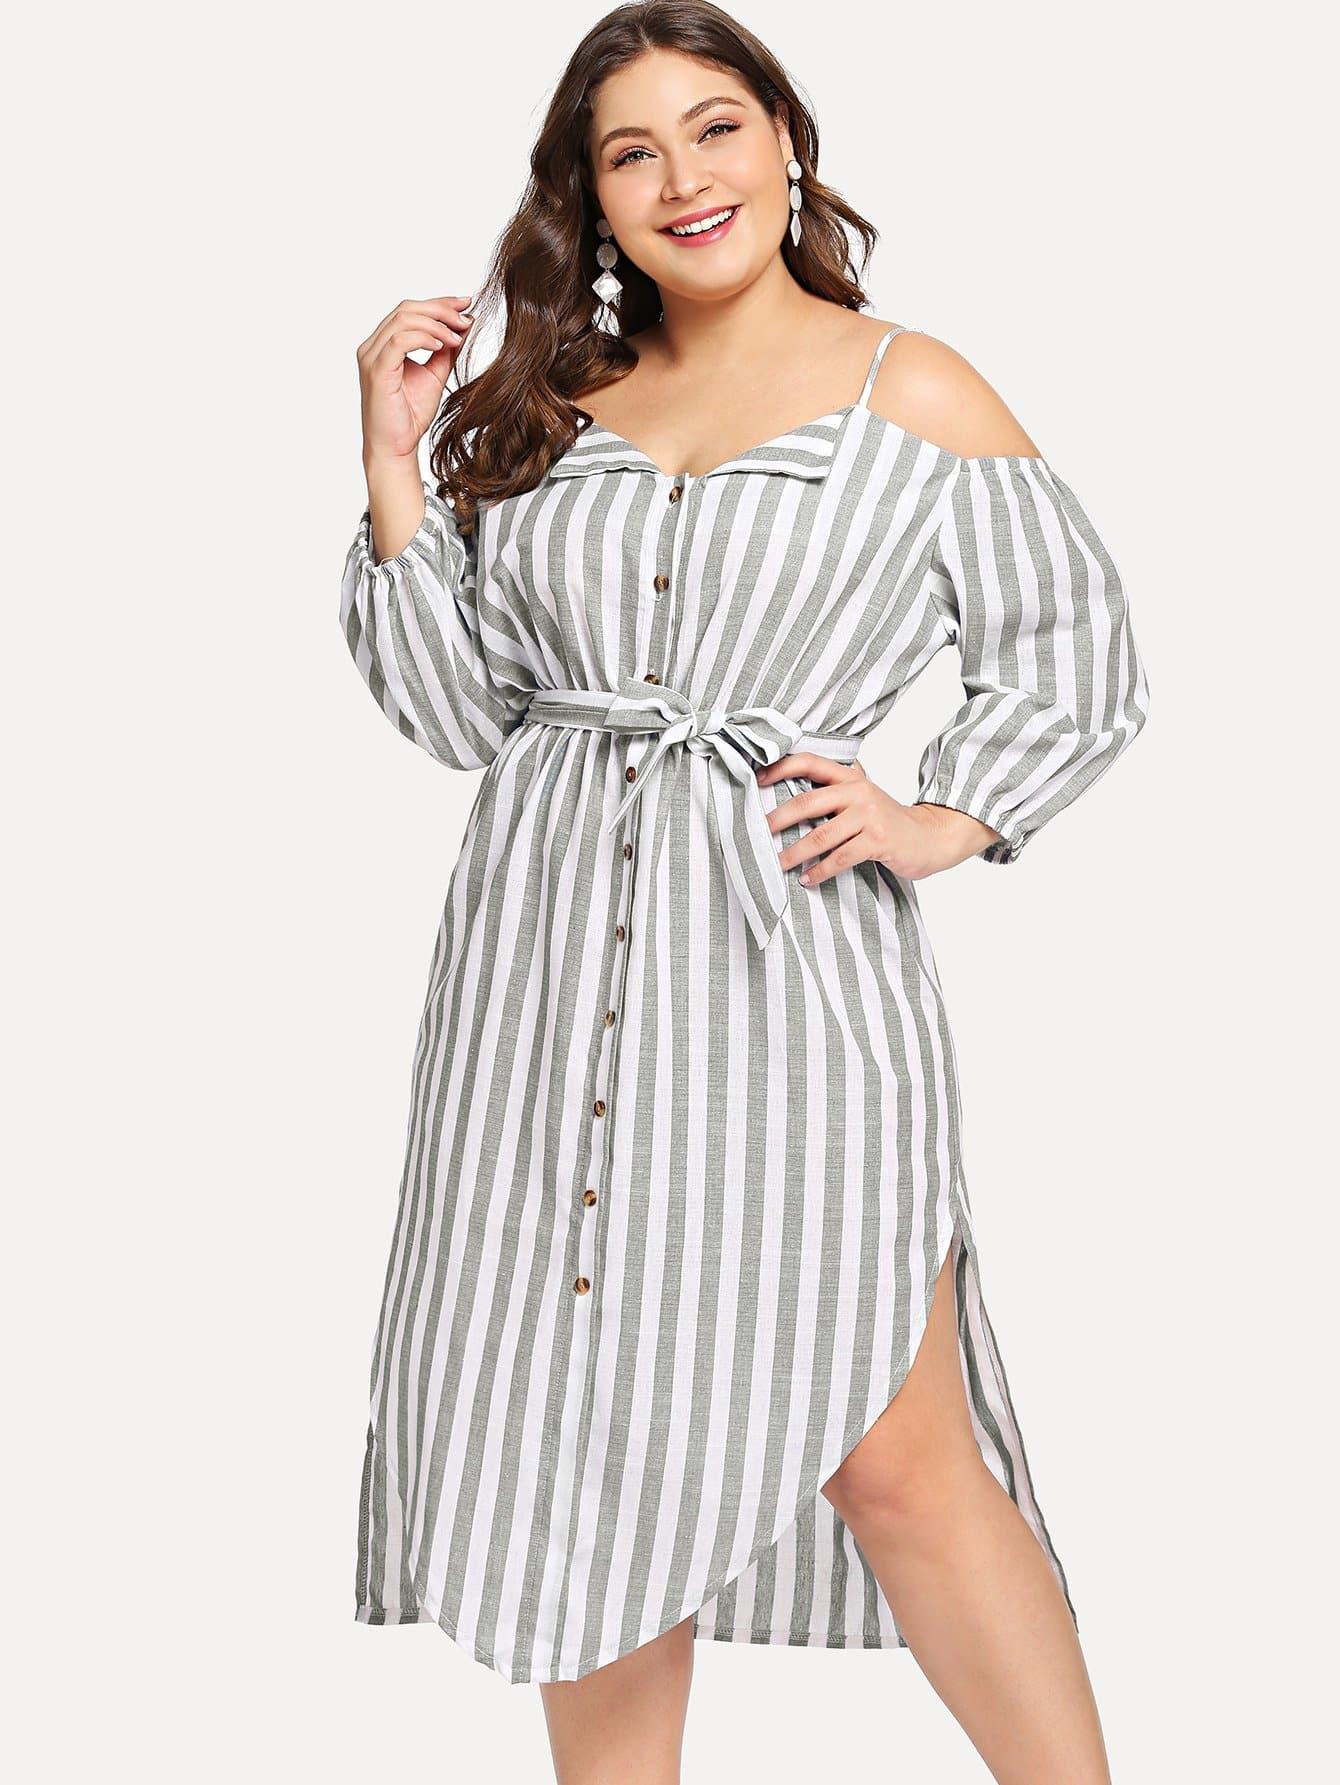 Купить Большое полосатое платье без бретелек и с поясом, Carol, SheIn